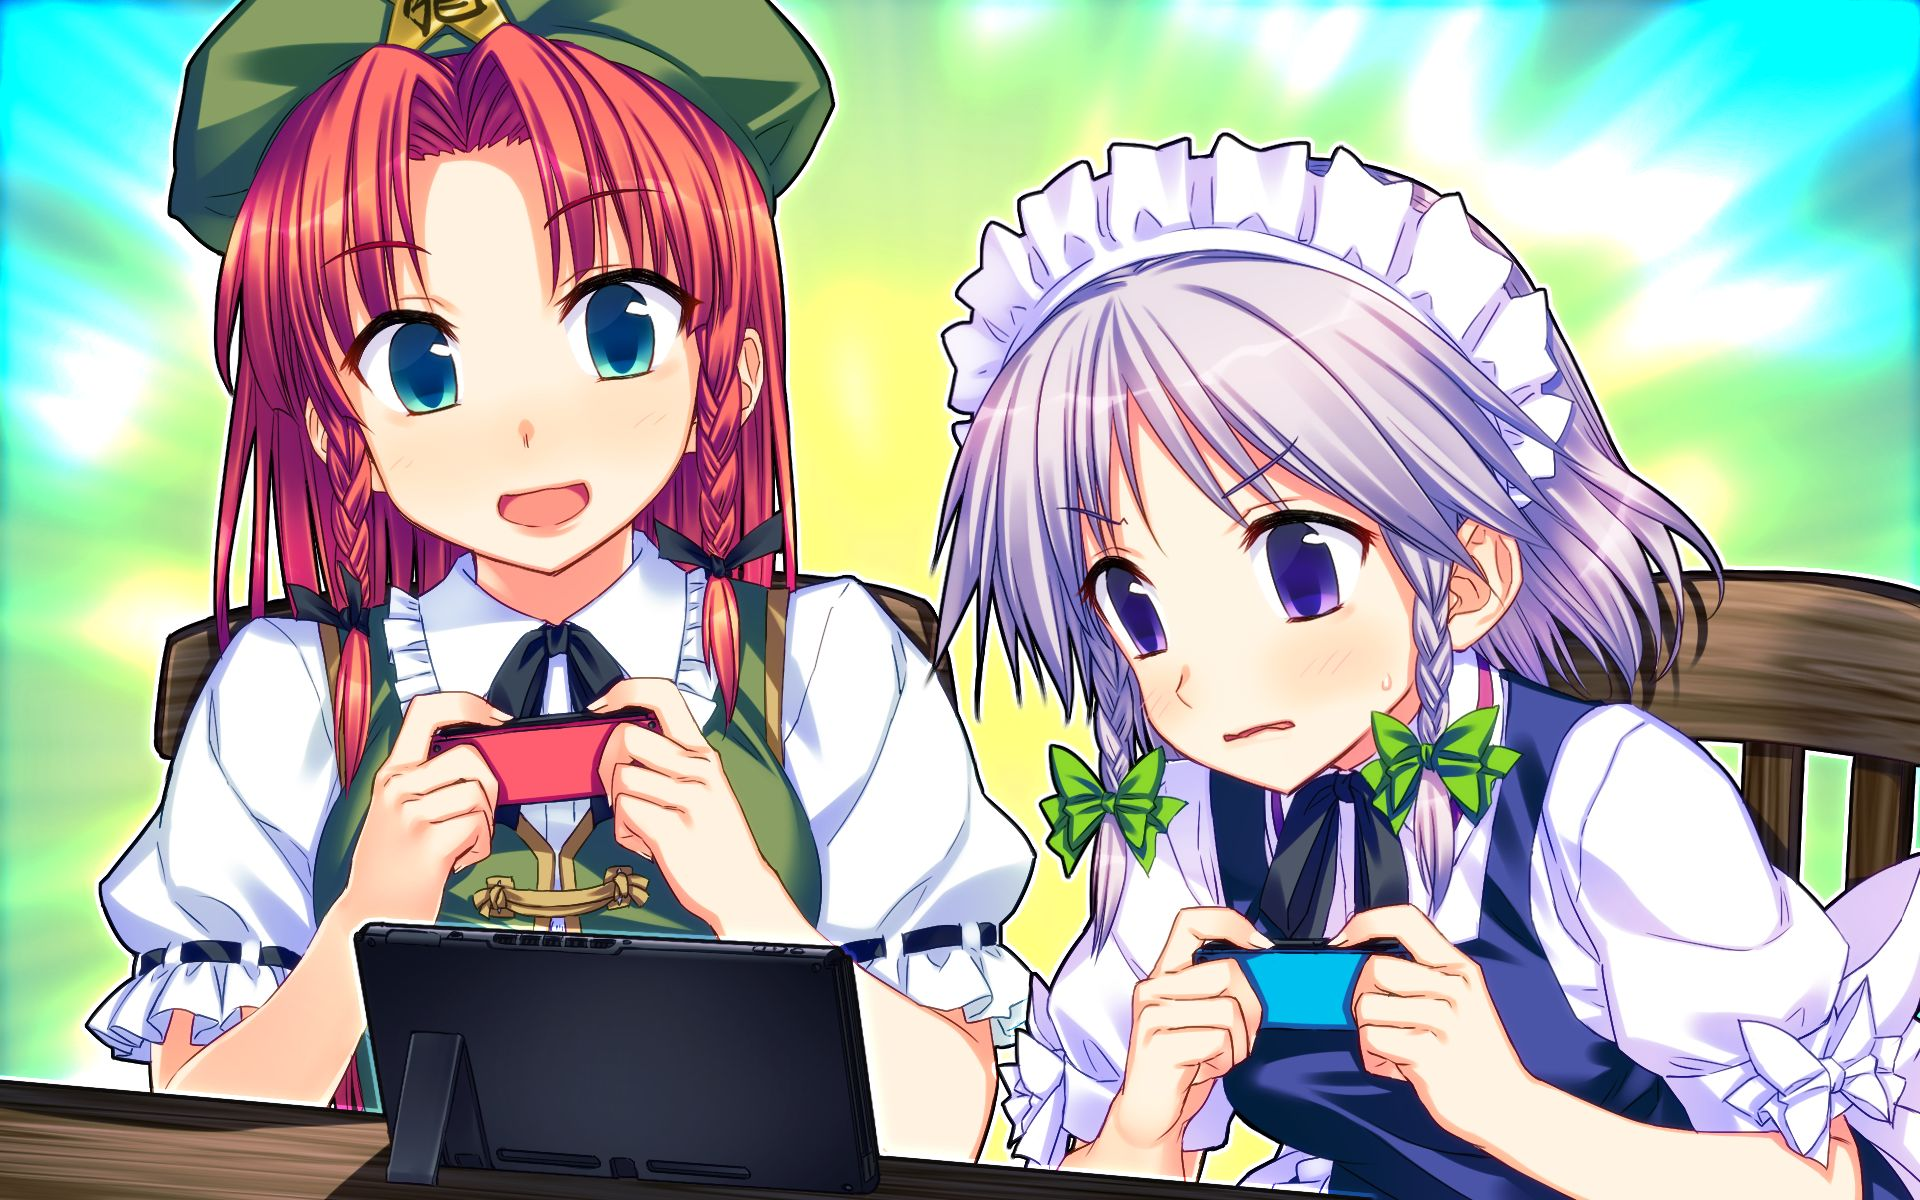 画像集 012 Nintendo Switchに東方projectのファンメイドゲーム 東方